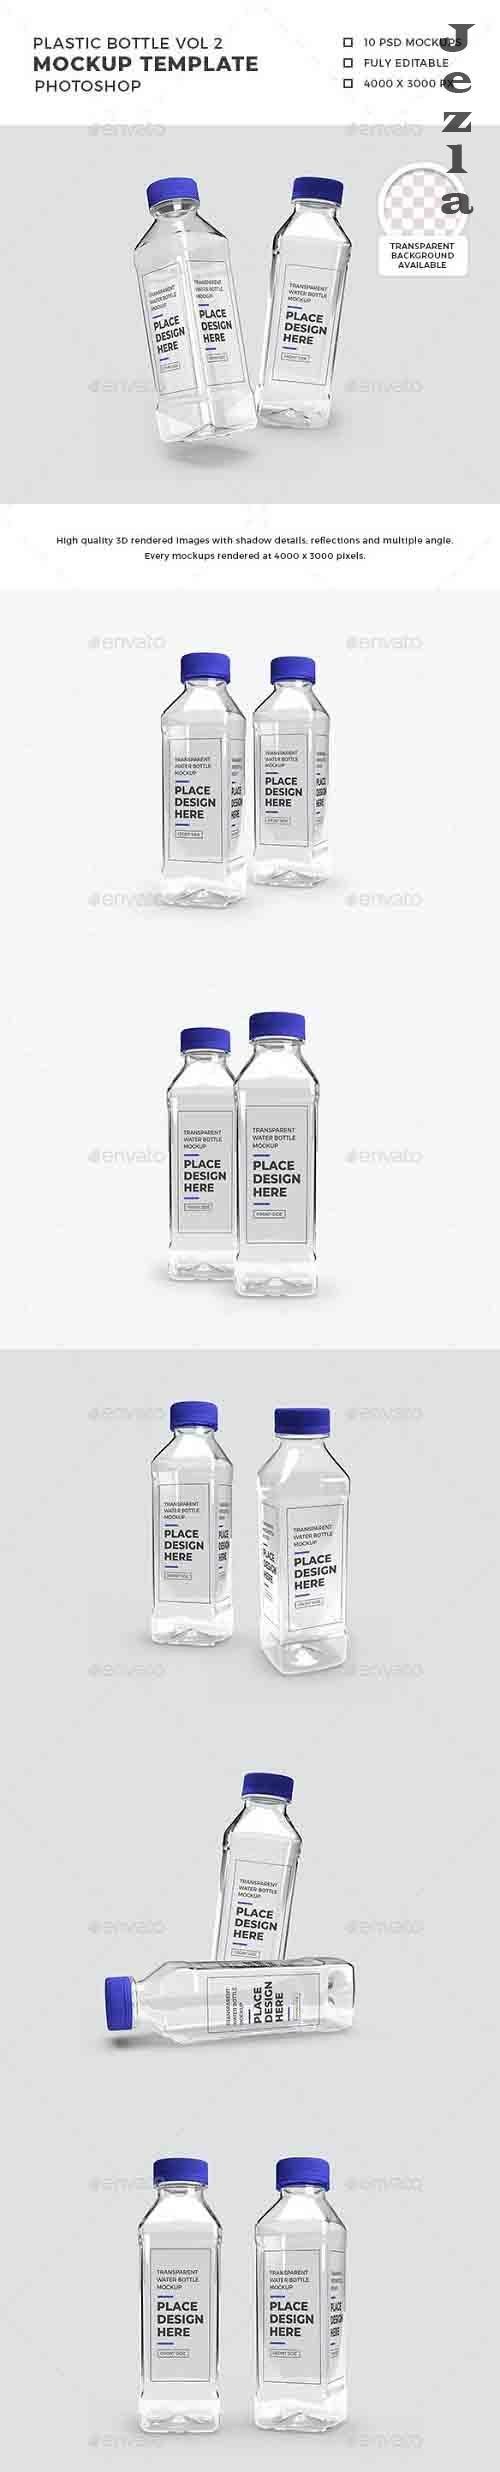 Transparent Plastic Bottle Packaging Mockup Vol 2 - 32552999